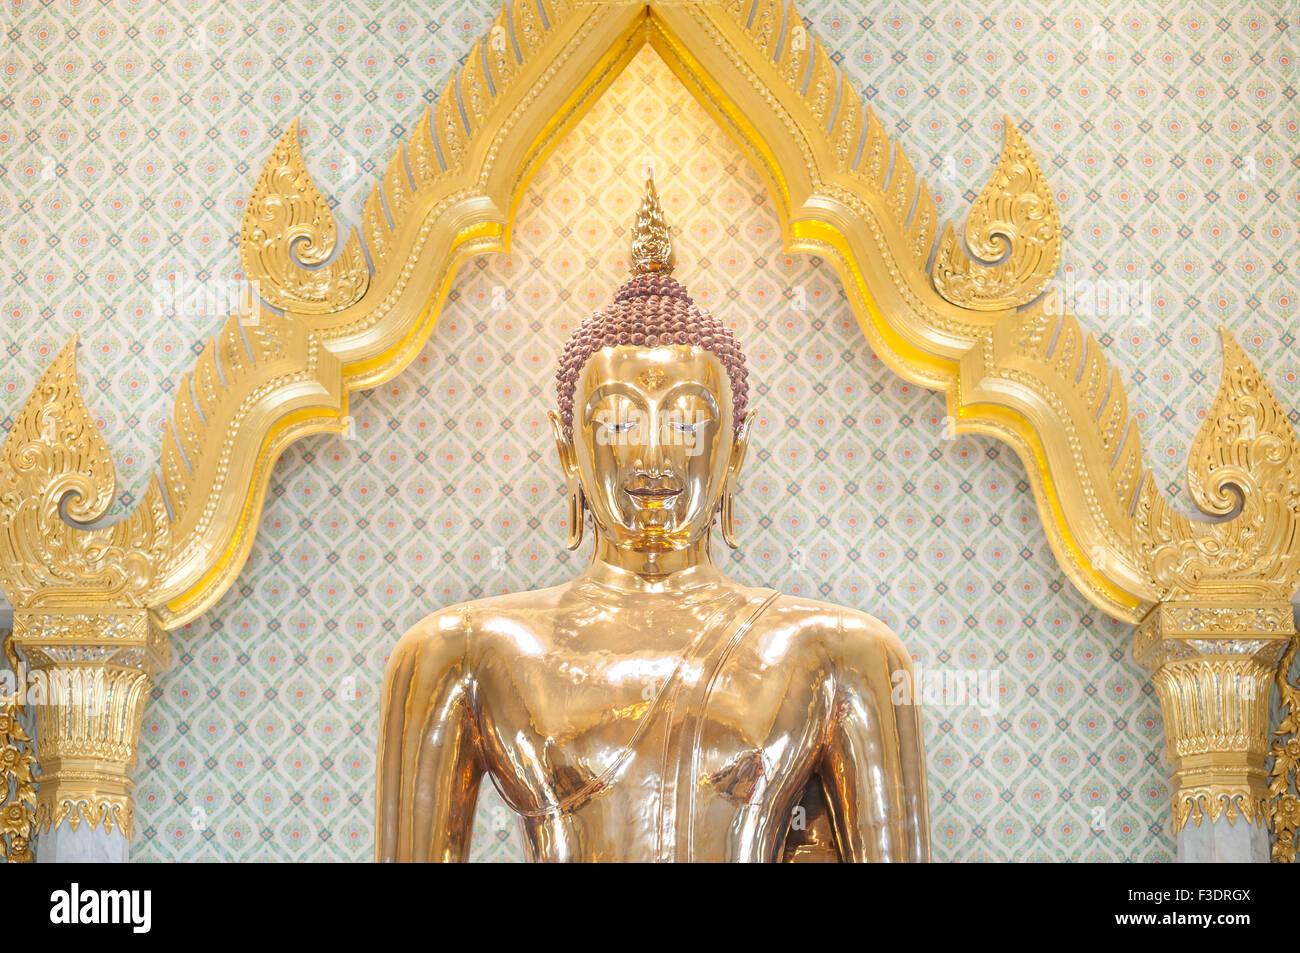 Il più grande oro massiccio statua di Buddha nel mondo, Wat Traimit, Bangkok, Thailandia Immagini Stock